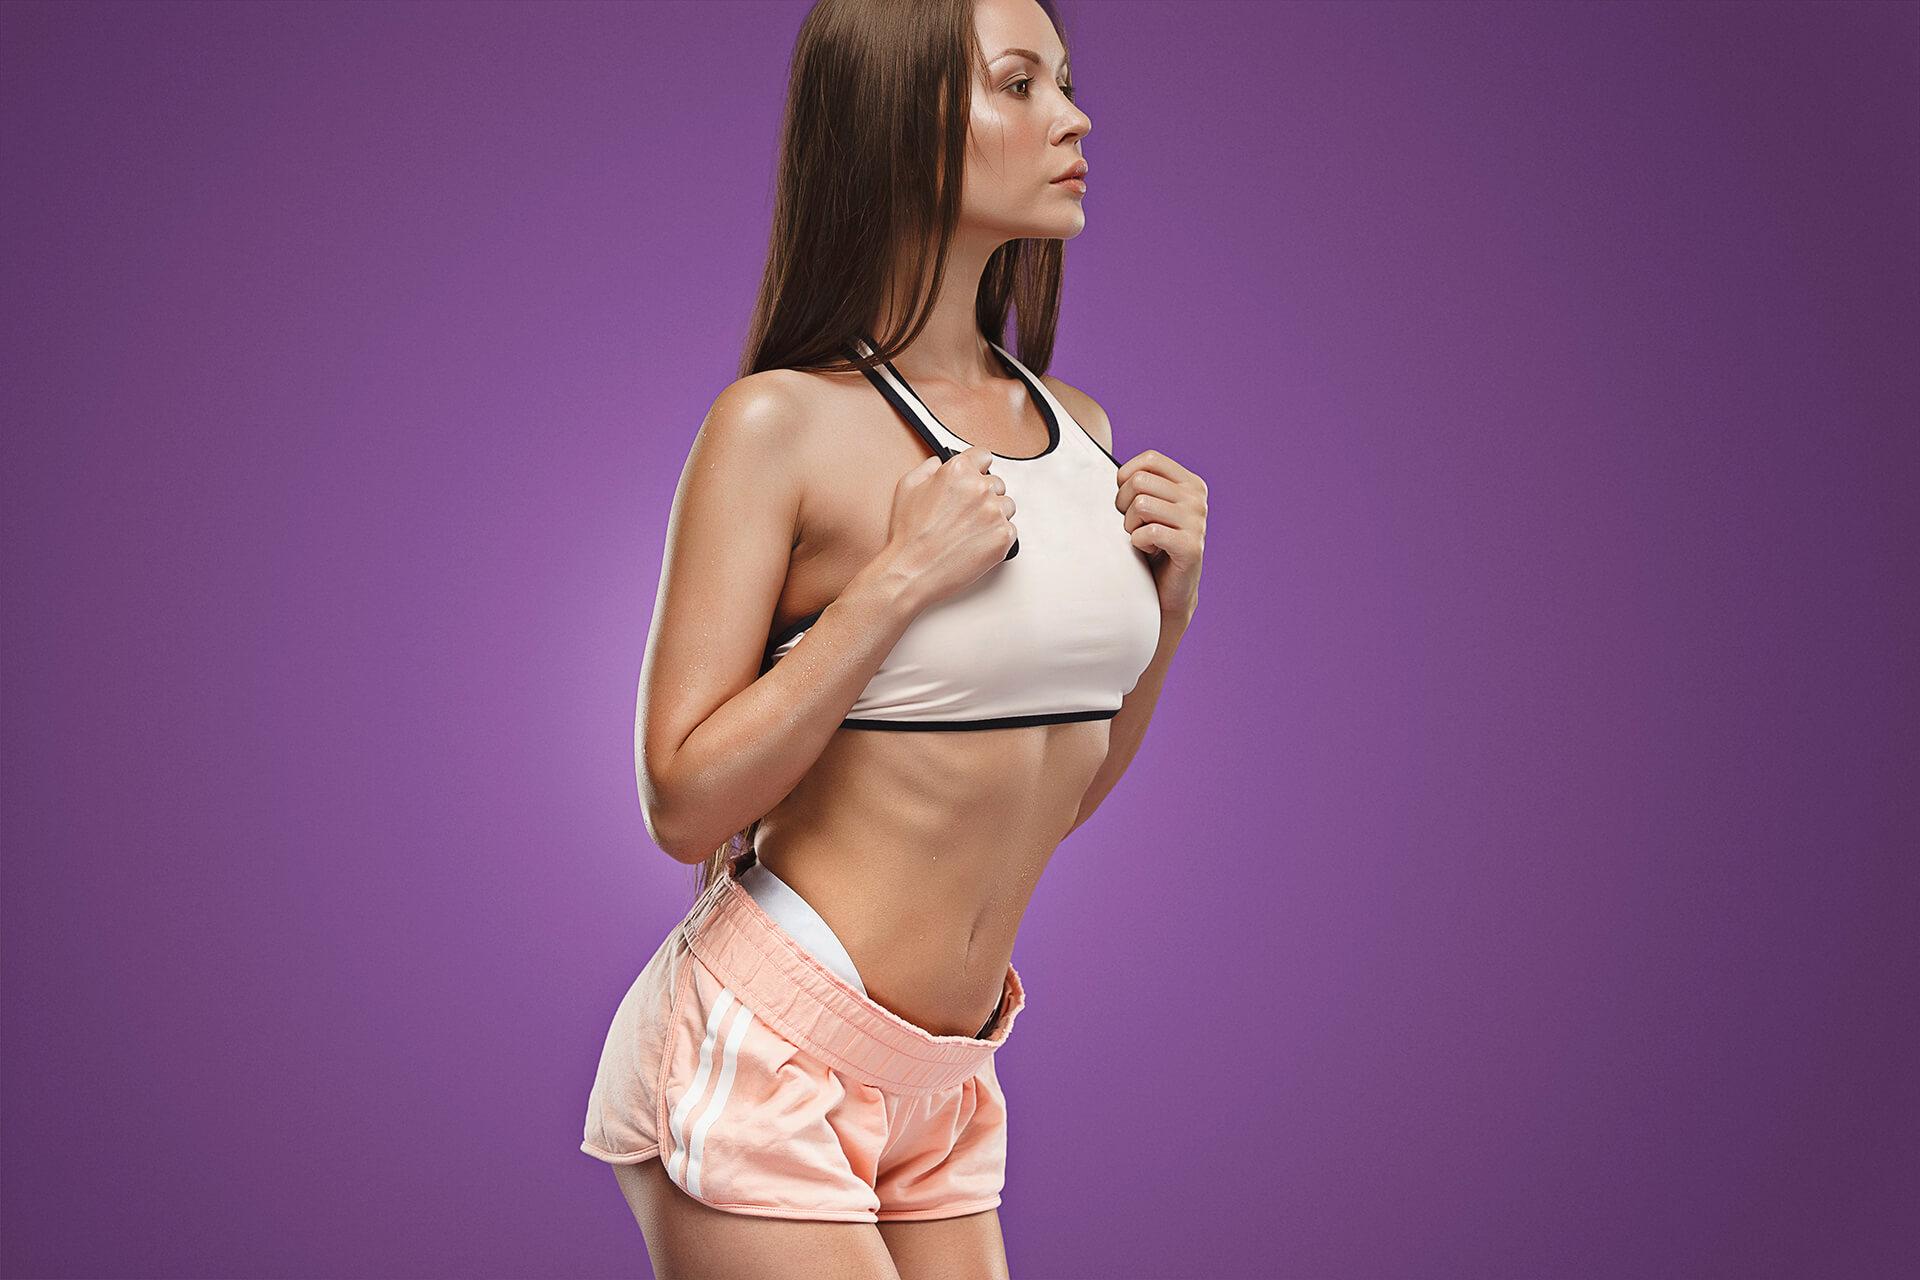 ¿Qué técnica de abdominoplastia es la adecuada para ti?